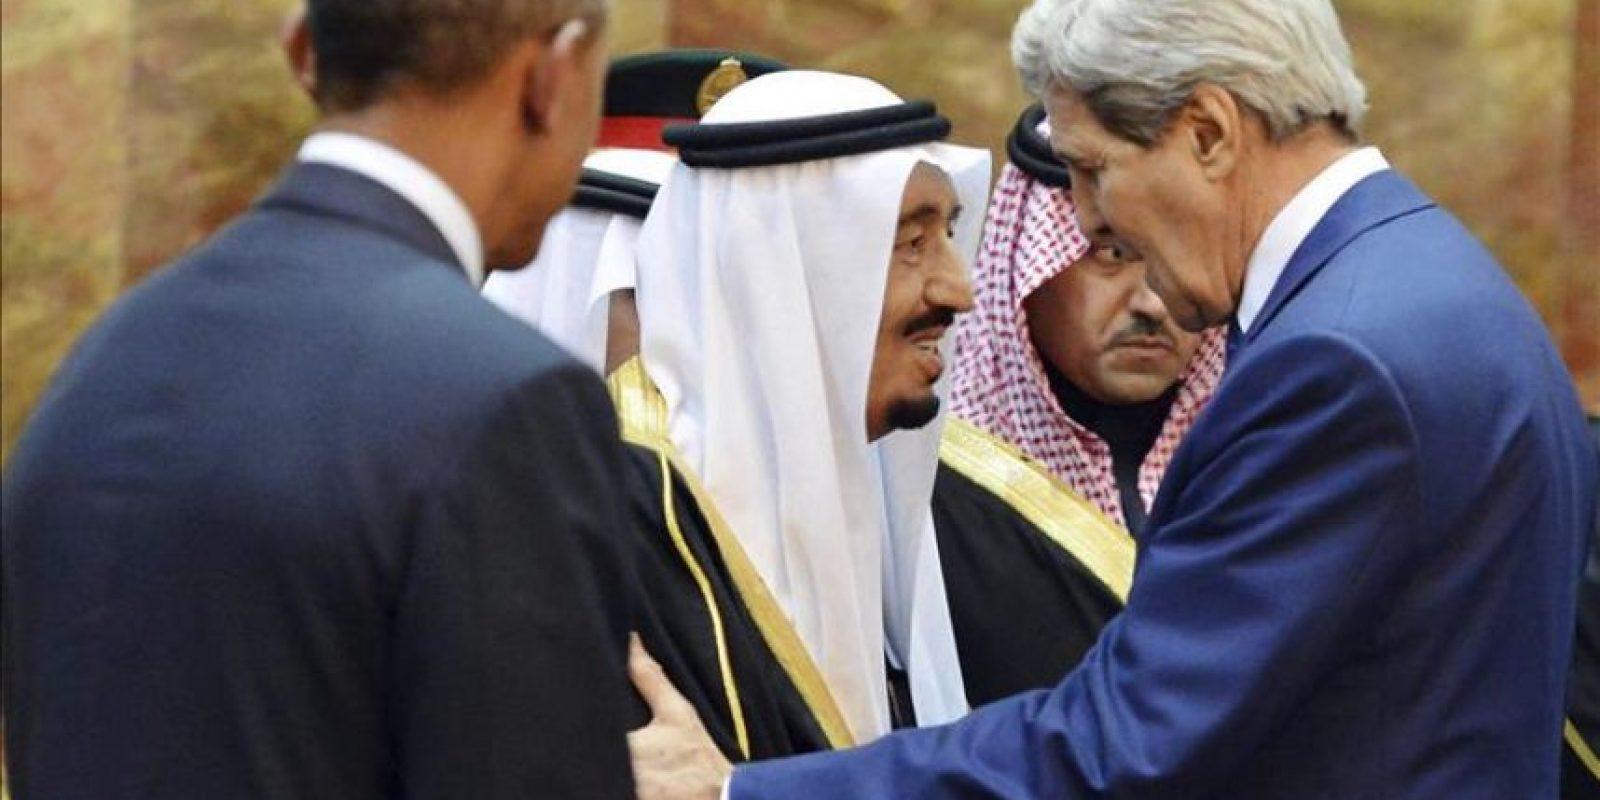 Imagen cedida por la Agencia de Prensa Saudí (SPA) que muestra al presidente estadounidense, Barack Obama (izda), y al secretario de Estado estadounidense John Kerry (dcha), recibidos por el nuevo rey saudí, Salman bin Abdelaziz, tras su llegada a Riad, Arabia Saudí, el 27 de enero del 2015. EFE